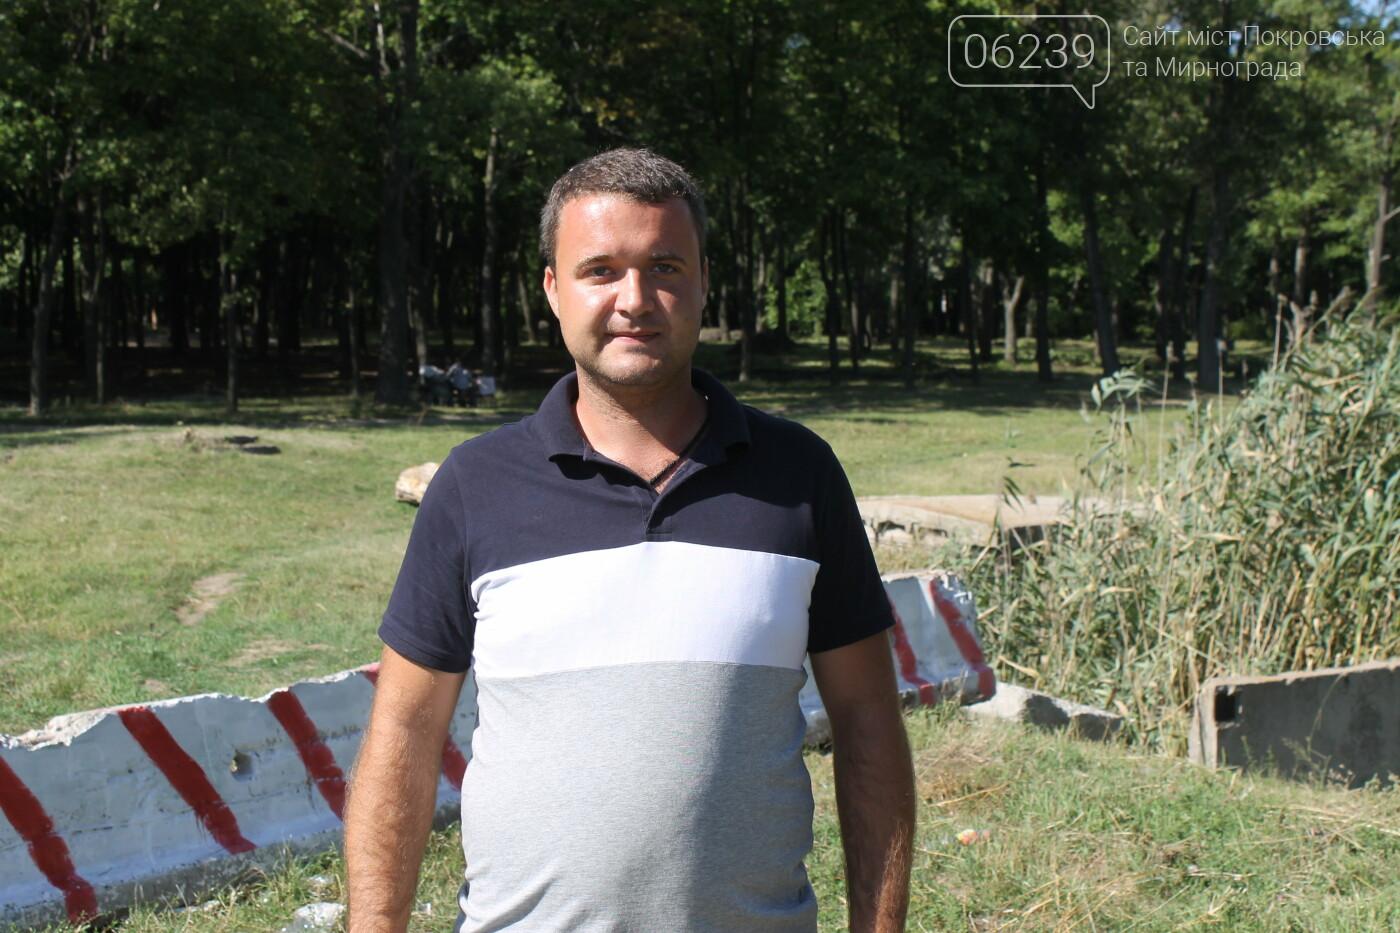 Чистота и порядок Покровска в надежных руках ФОП «Машир», фото-14